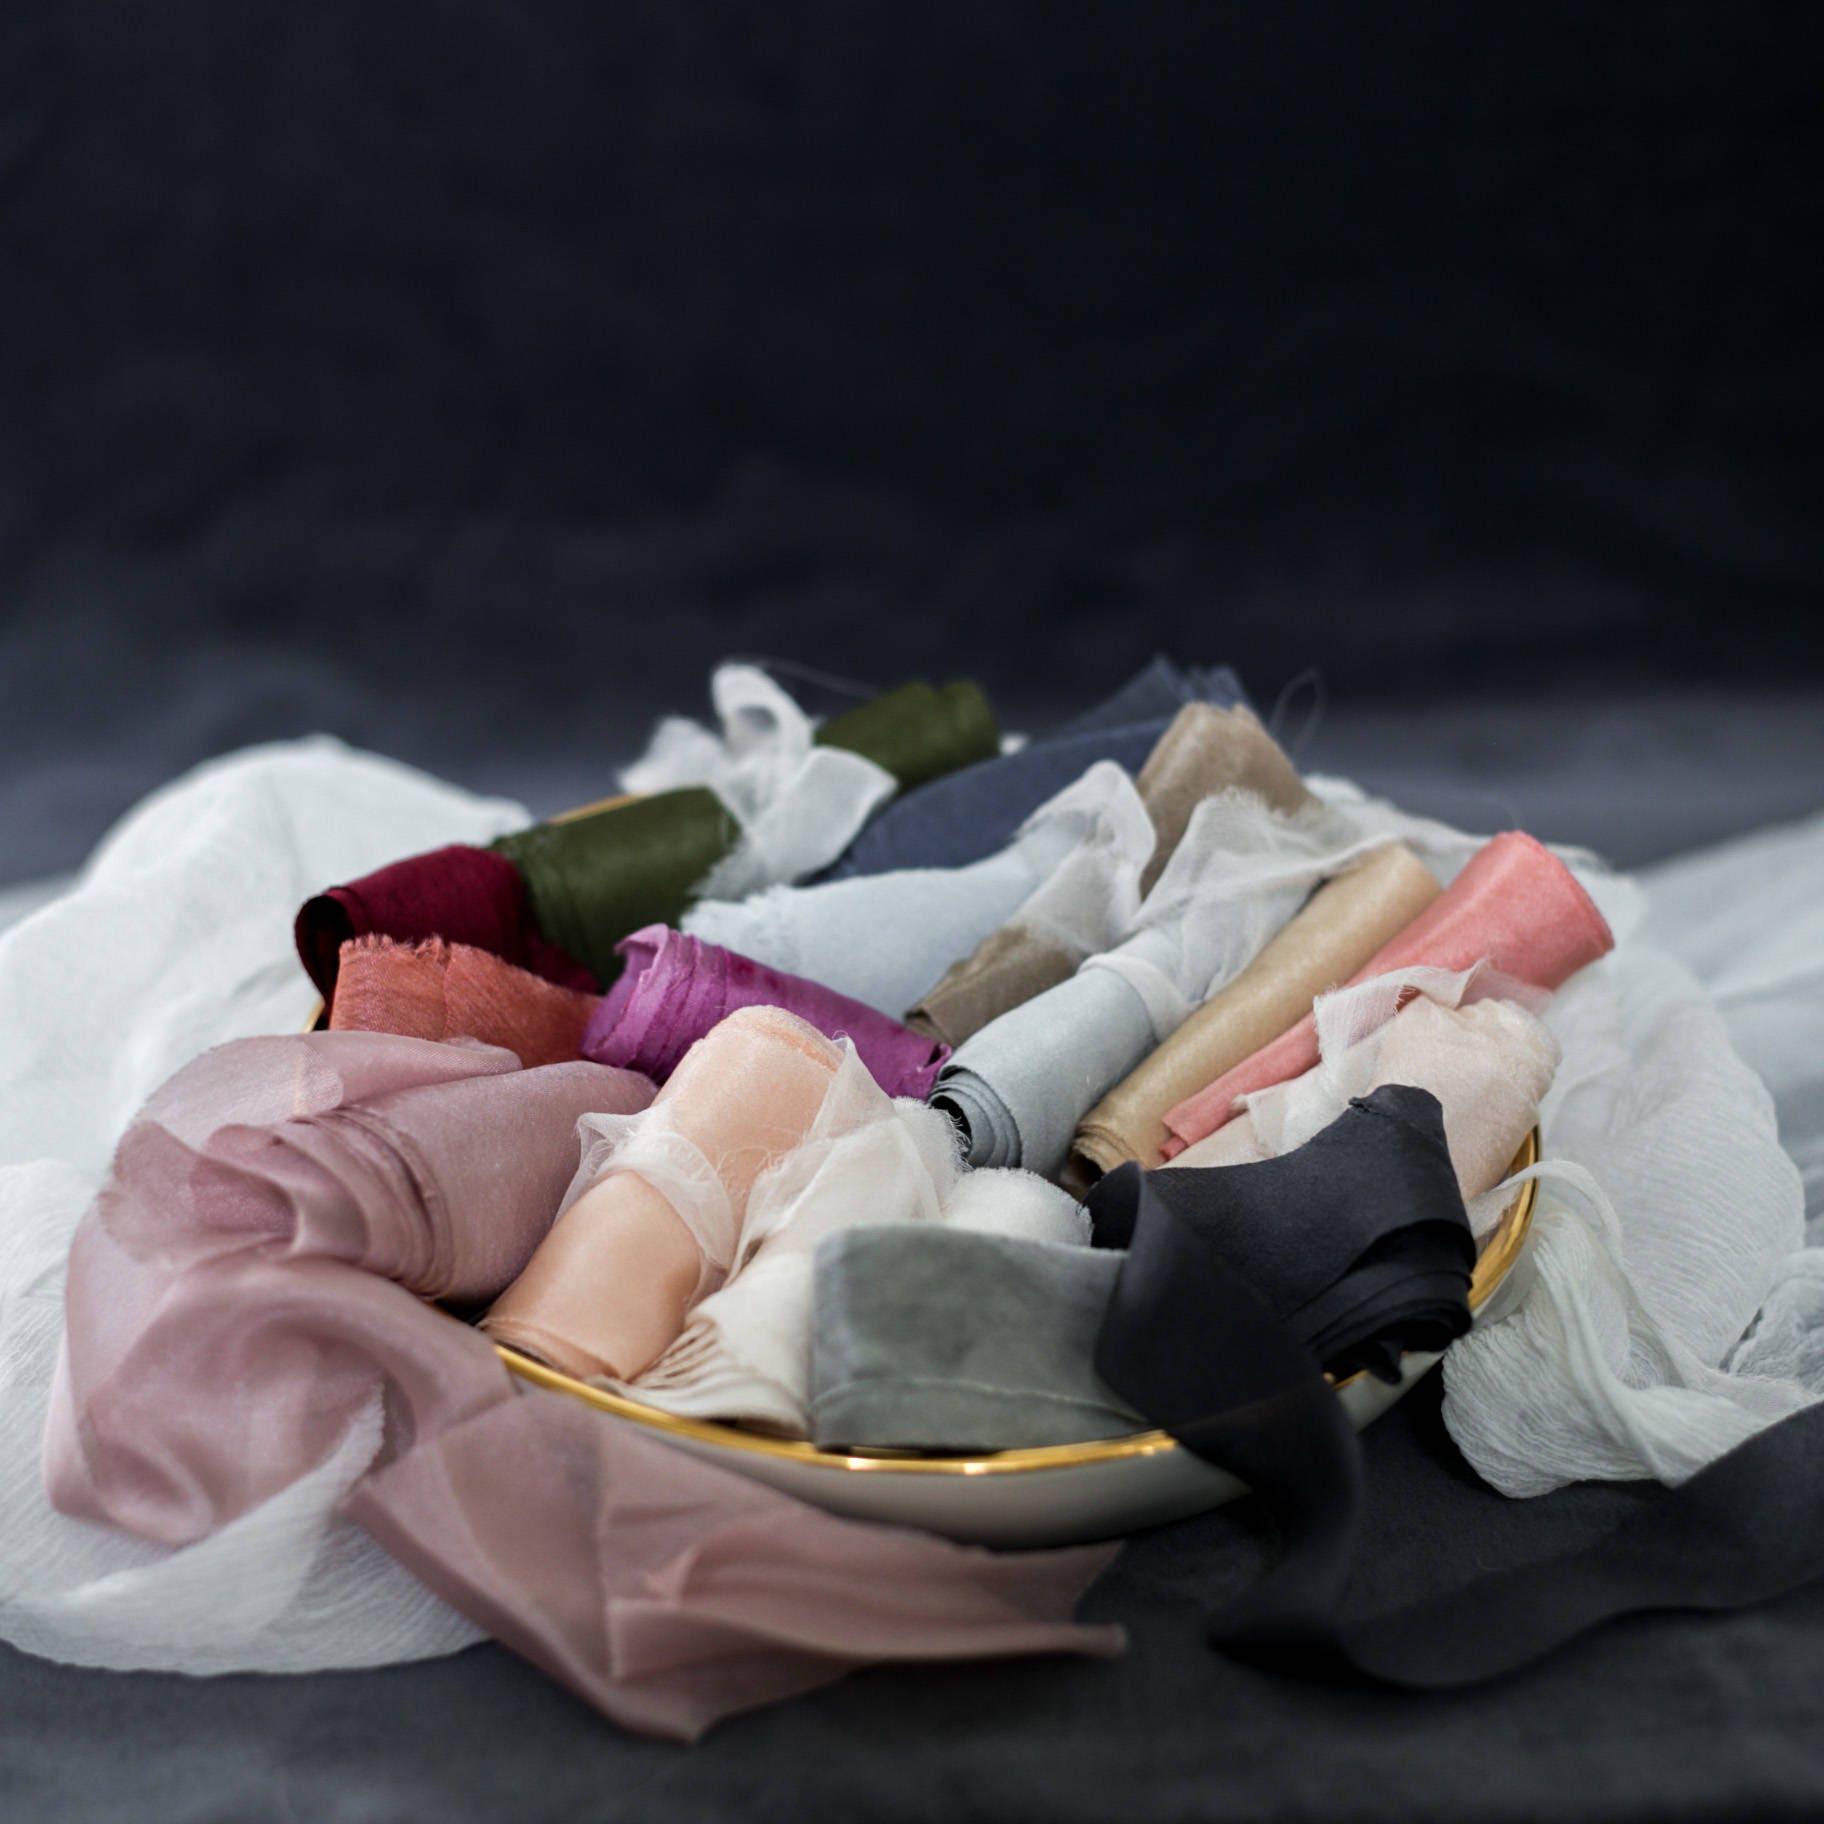 Rubans de soie | Assortiment de rubans | Usine Usine Usine de teints / Styling Bundle mariage Luxe rubans de soie, rubans de fleurs, rubans de papeterie, soie naturelle ec4608